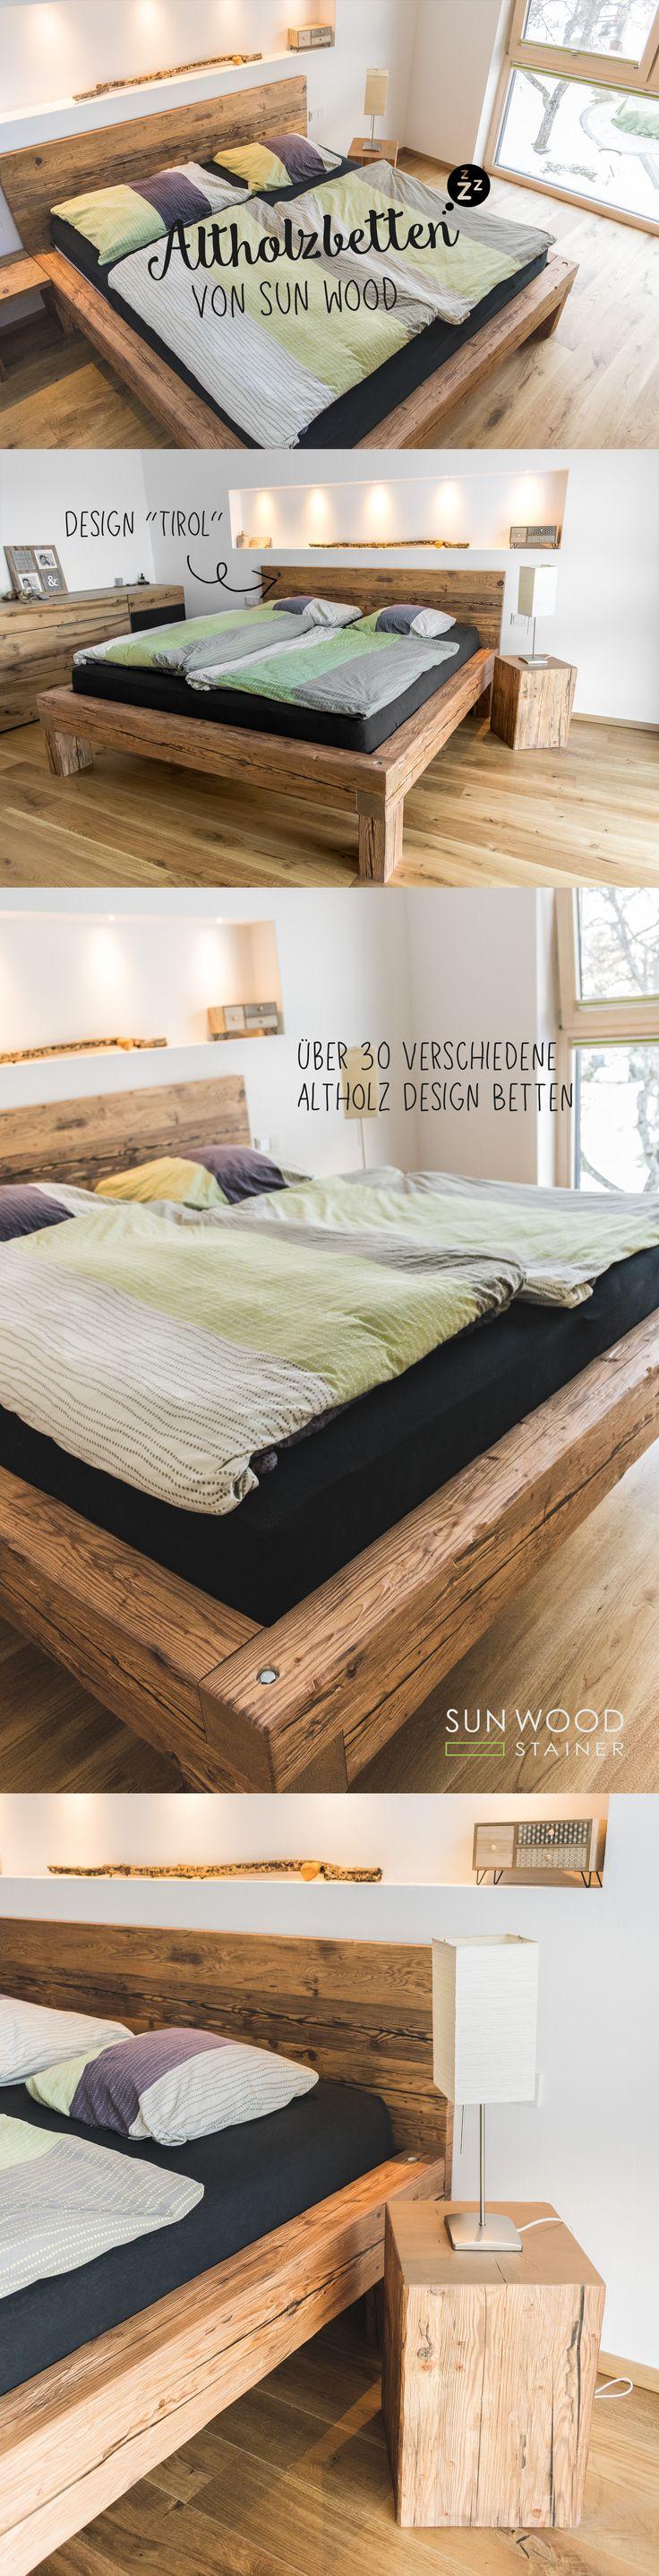 Massives Holzbett Altholzdesign Tirol 02